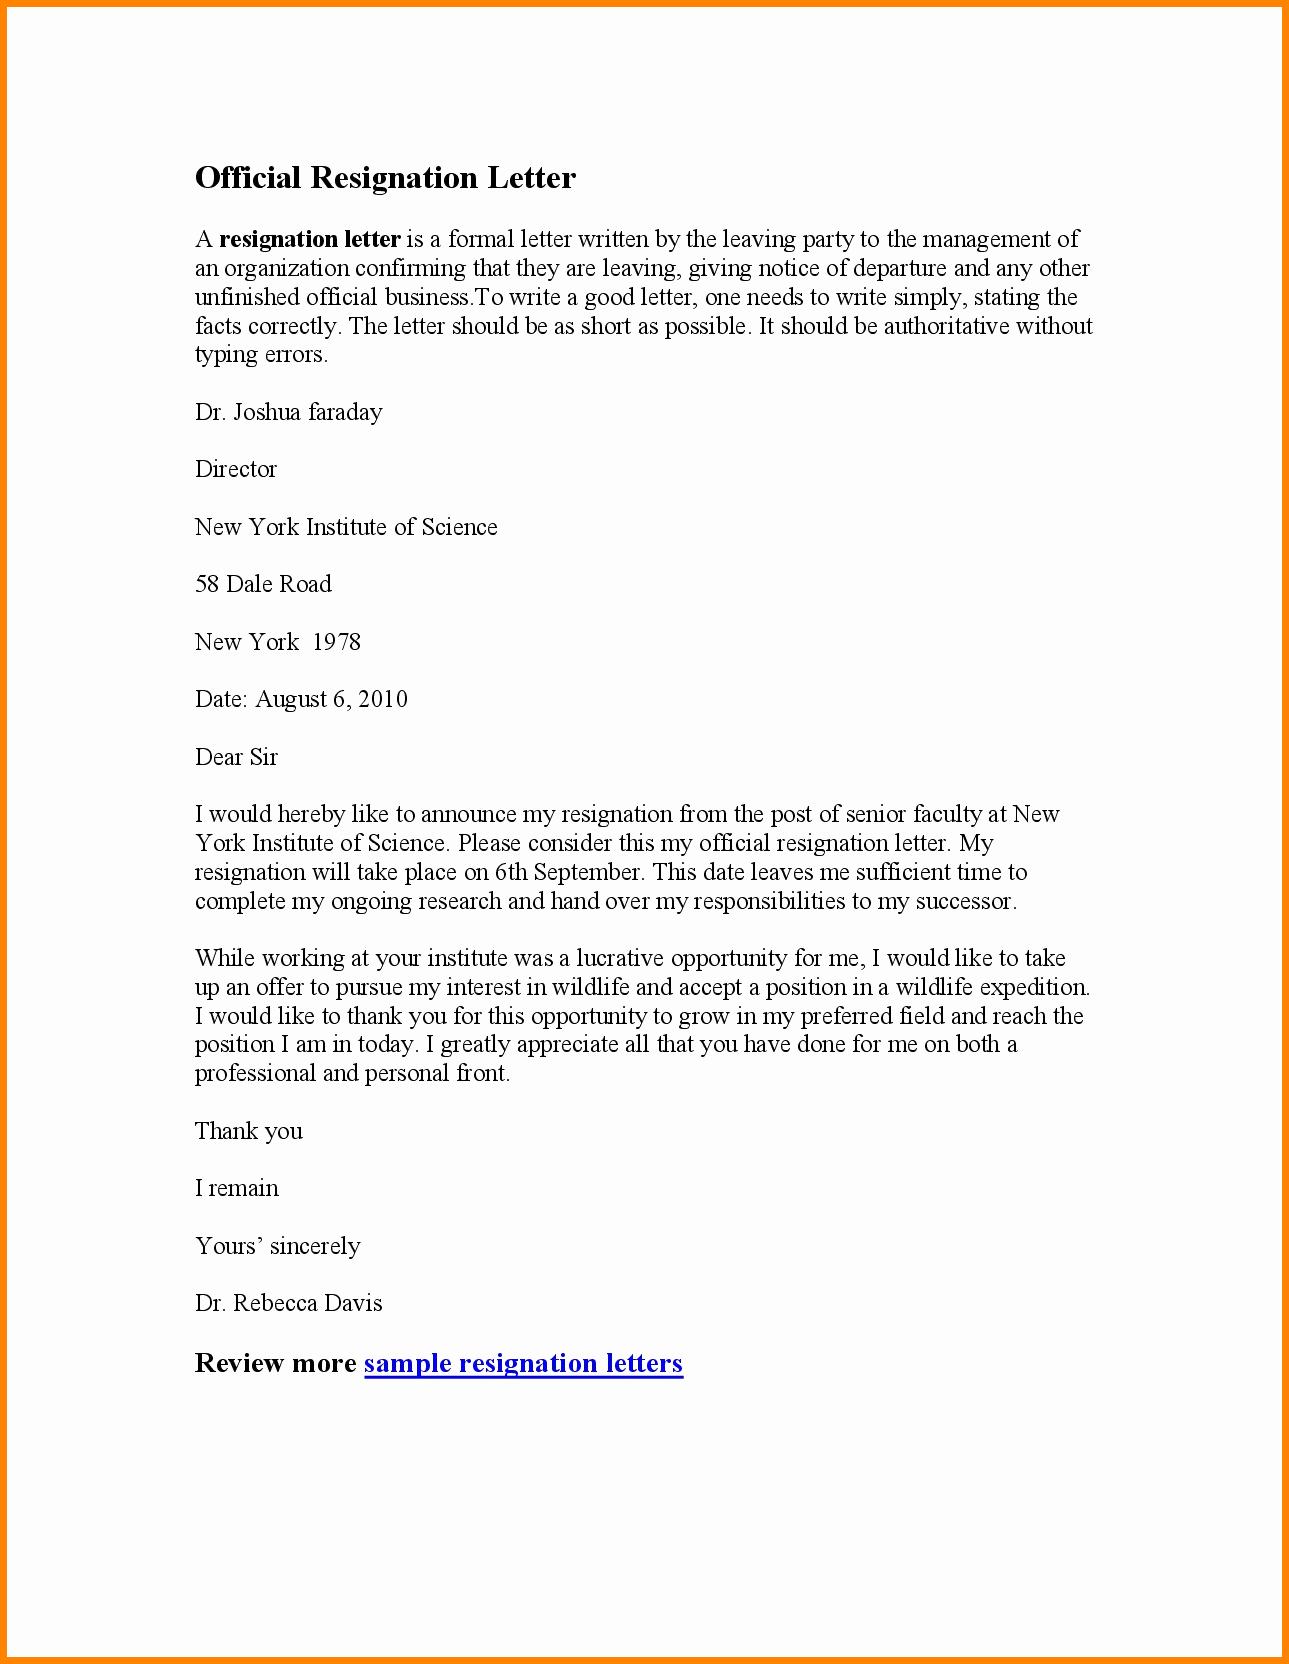 Resignation Letter Effective Immediately Lovely 6 Effective Immediately Resignation